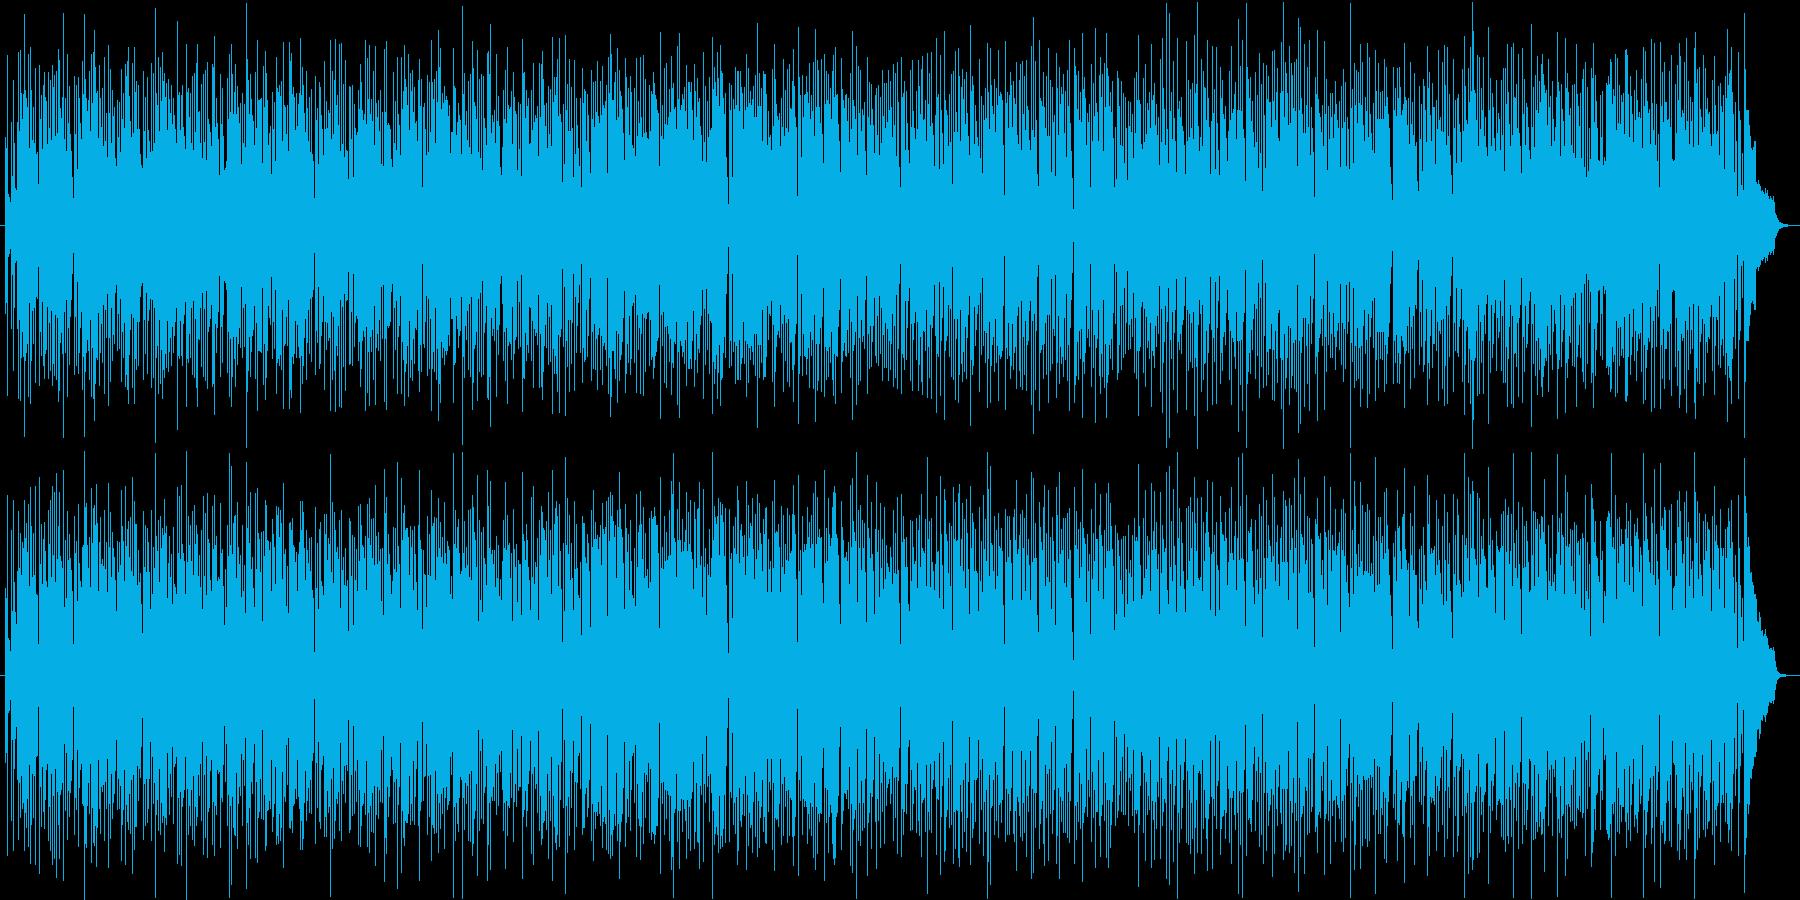 ボサノバジャズサックスの再生済みの波形